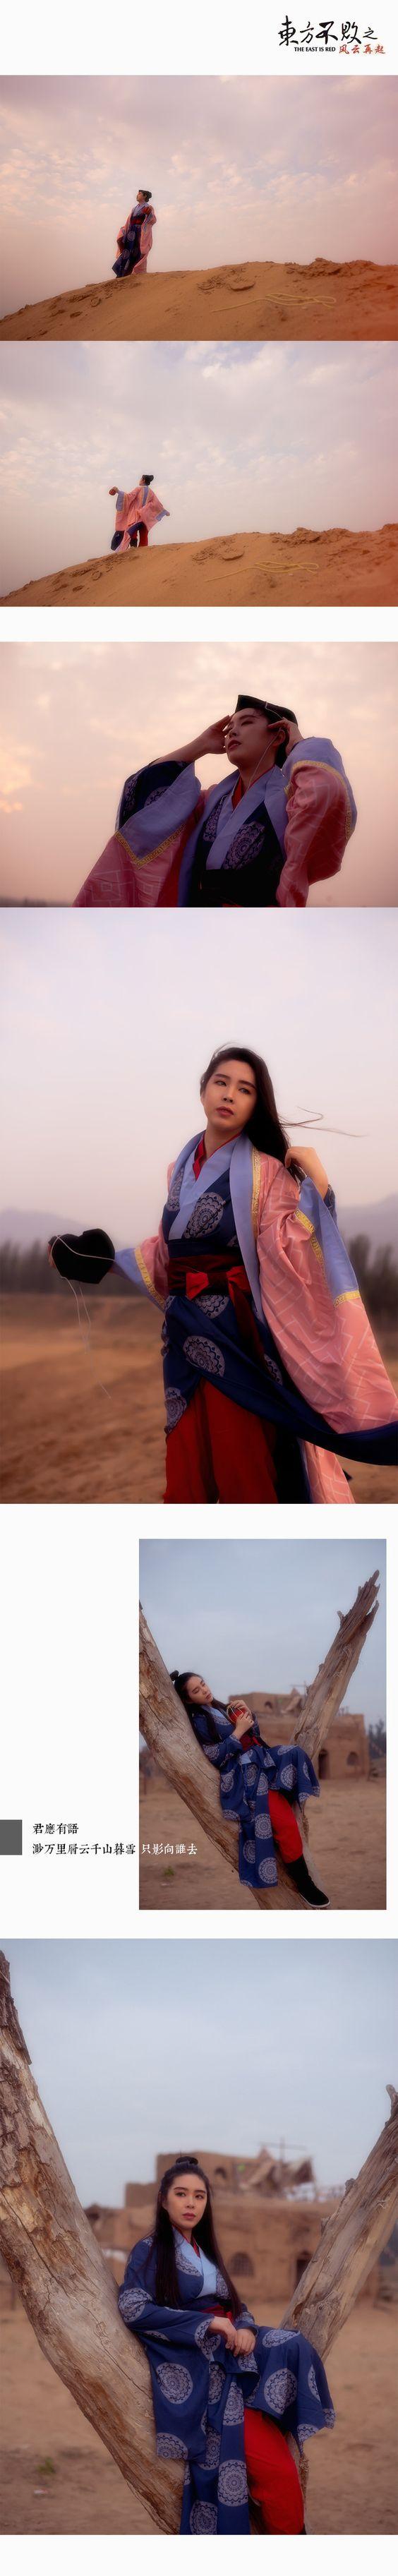 东方不败之风云再起cosplay 半次元 第一中文cos绘画小说社区 sunglasses cosplay fashion